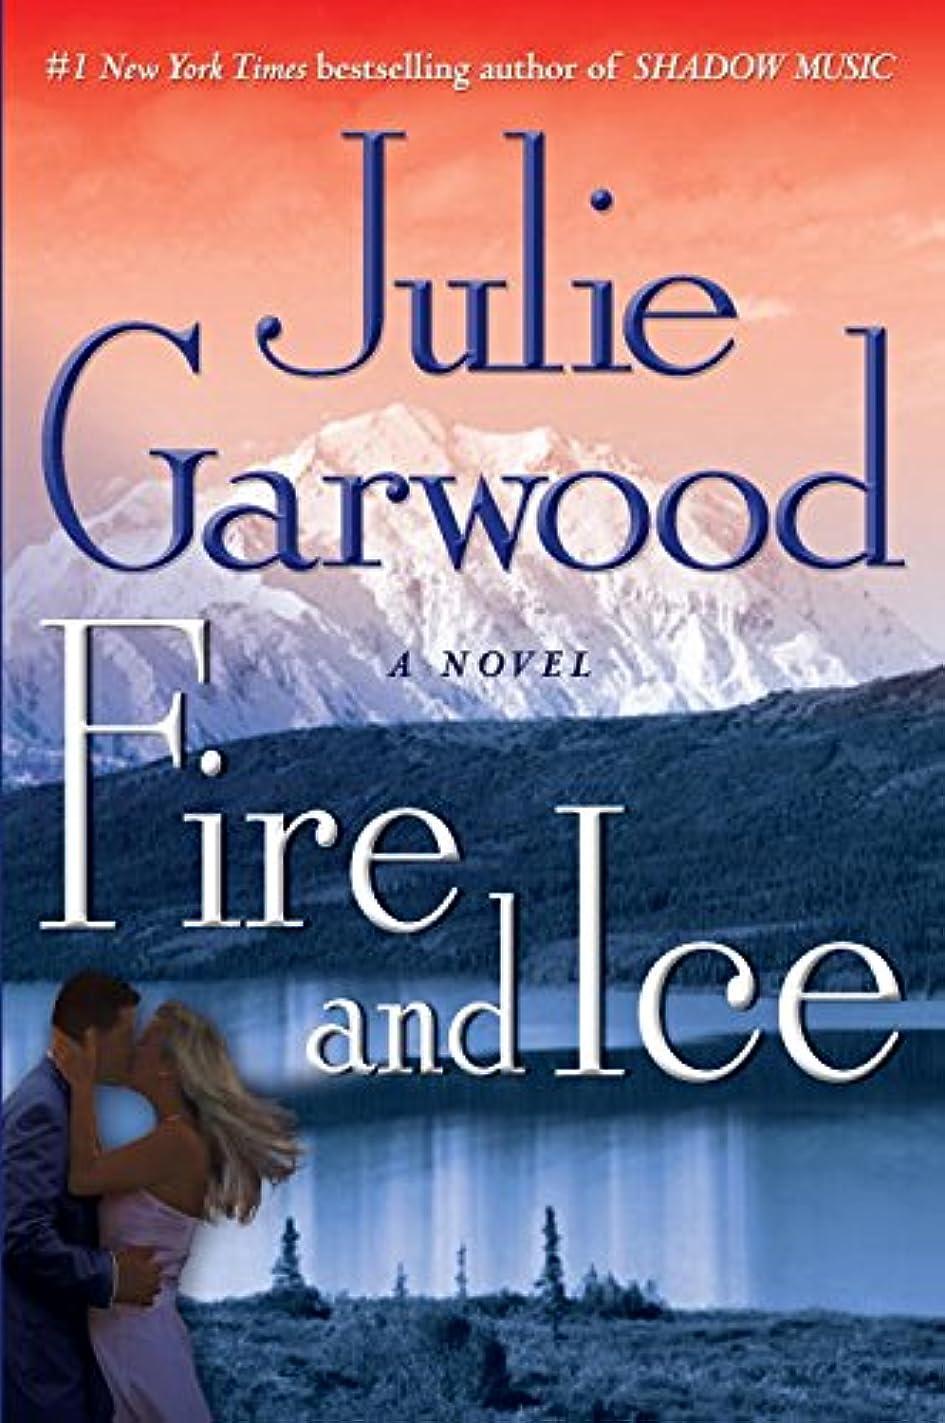 闘争電話する運命Fire and Ice: A Novel (Buchanan / Renard / MacKenna Book 7) (English Edition)